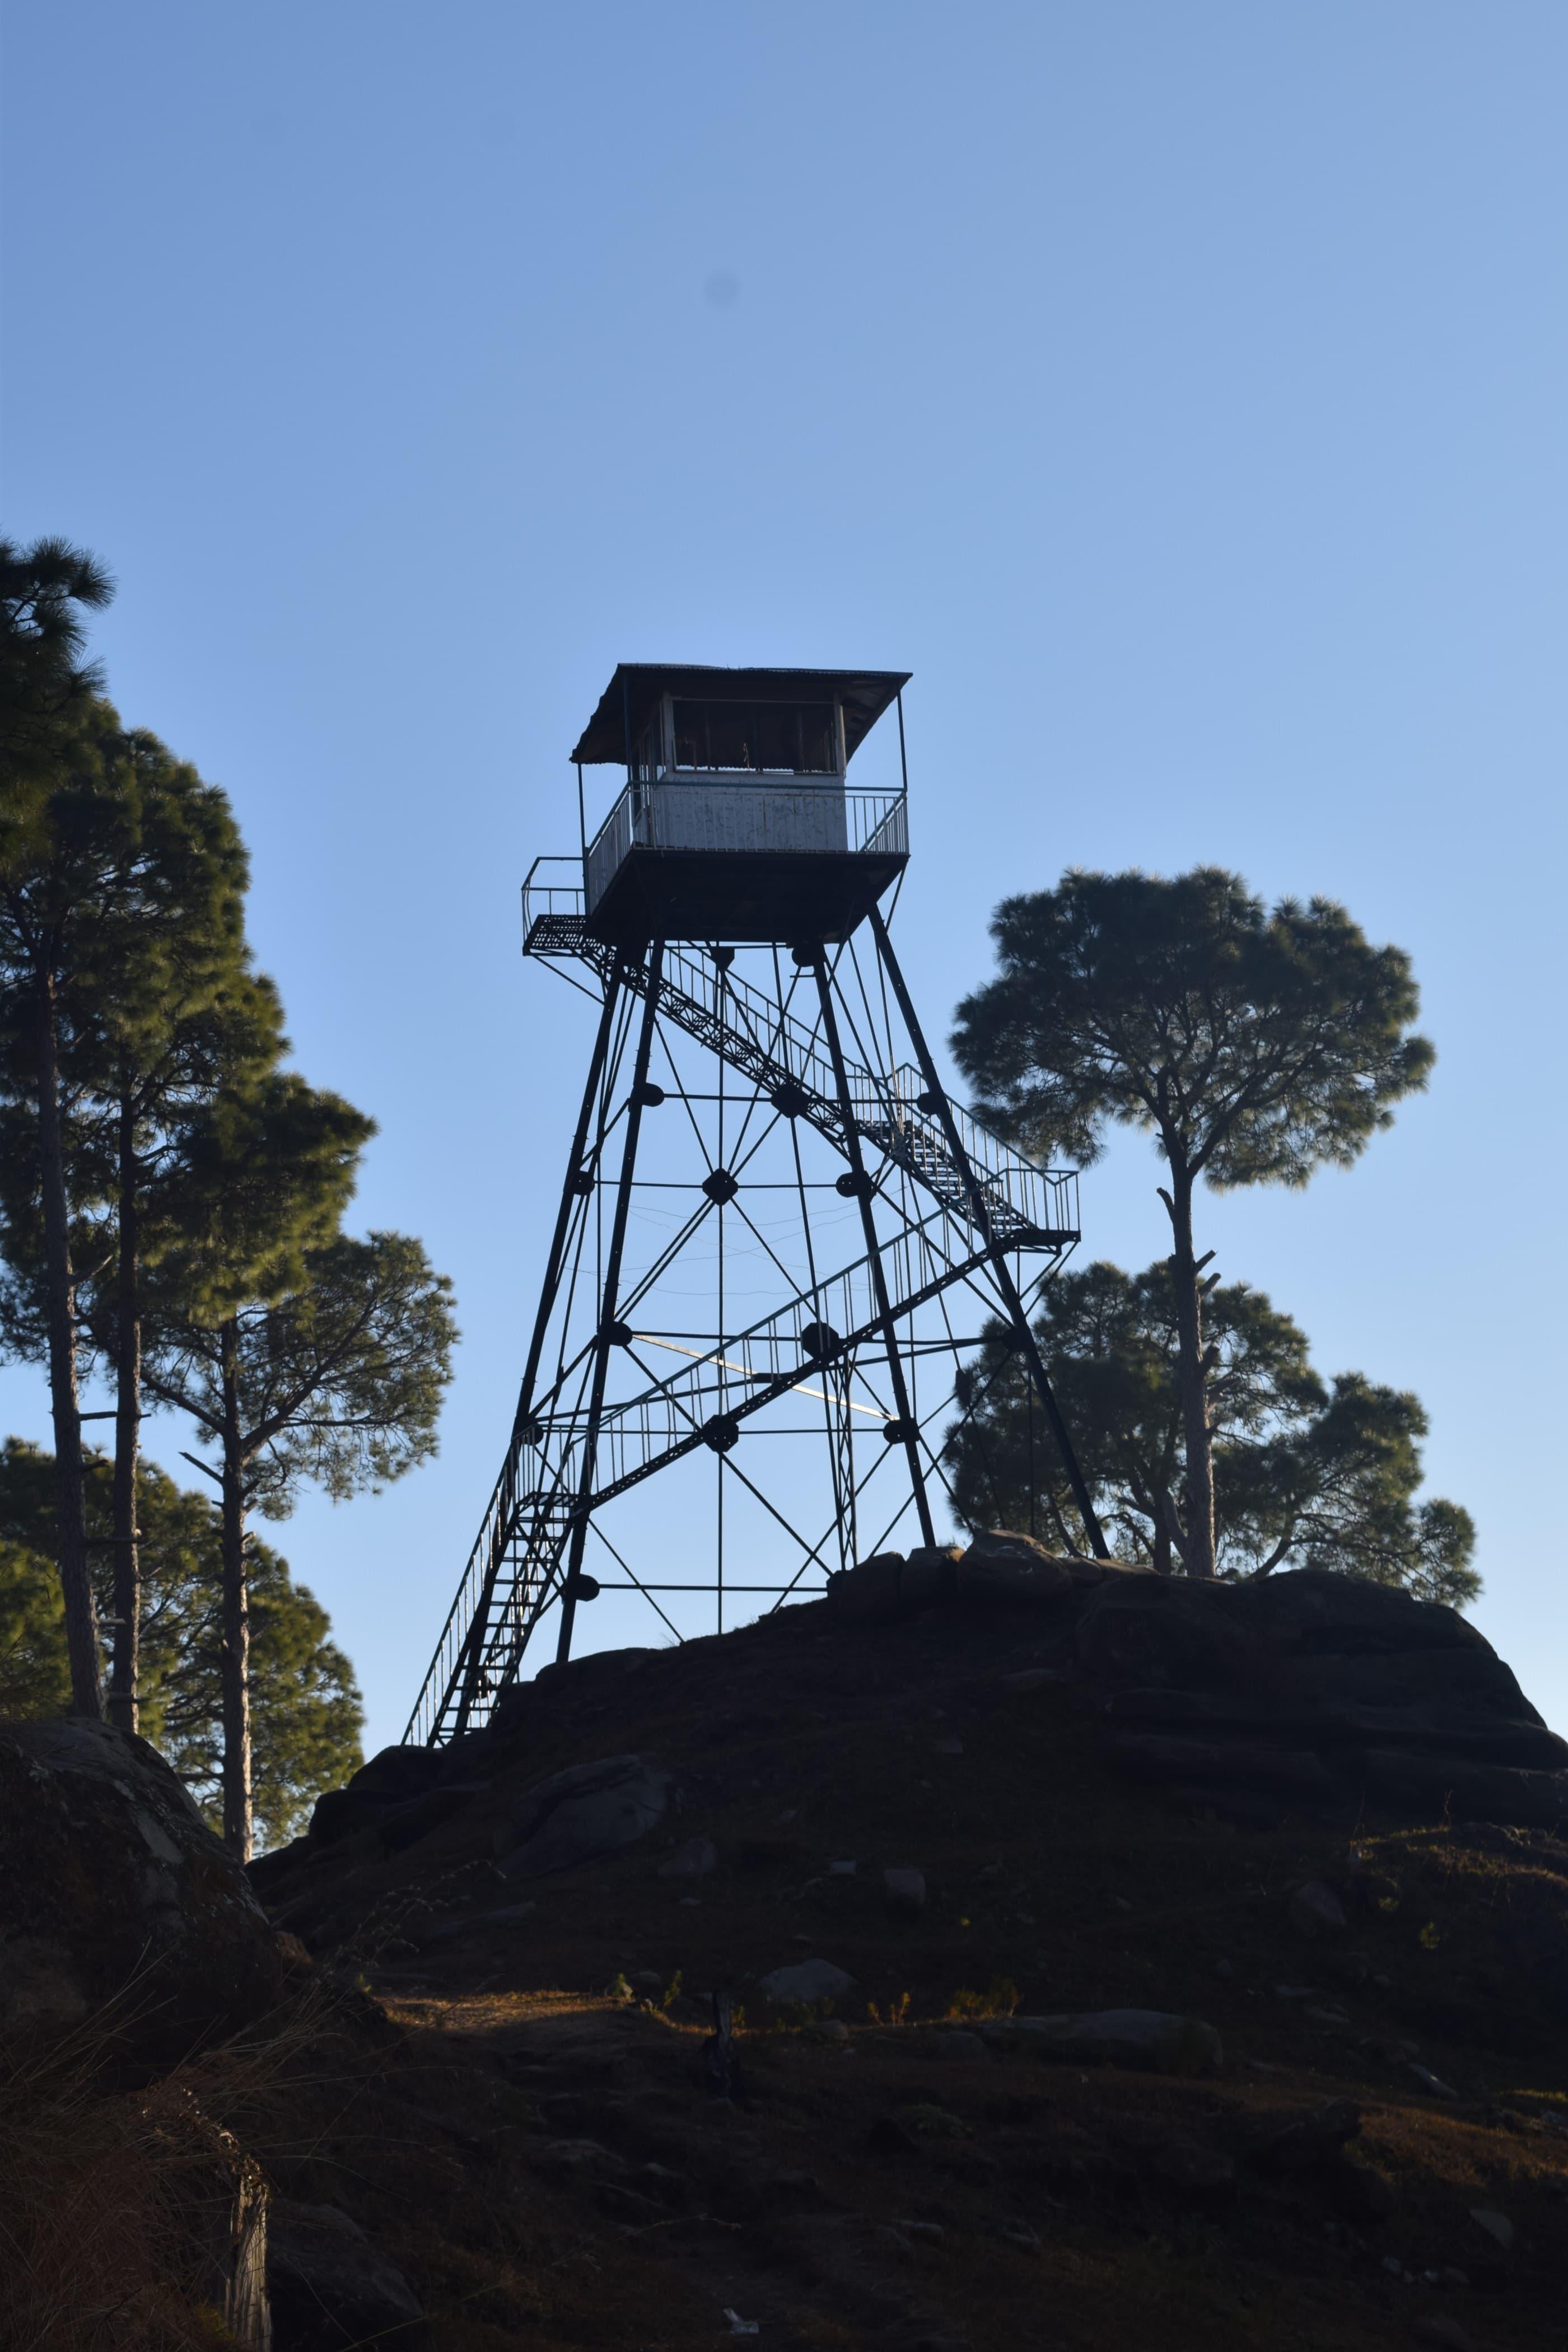 The fire tower at Arirari.